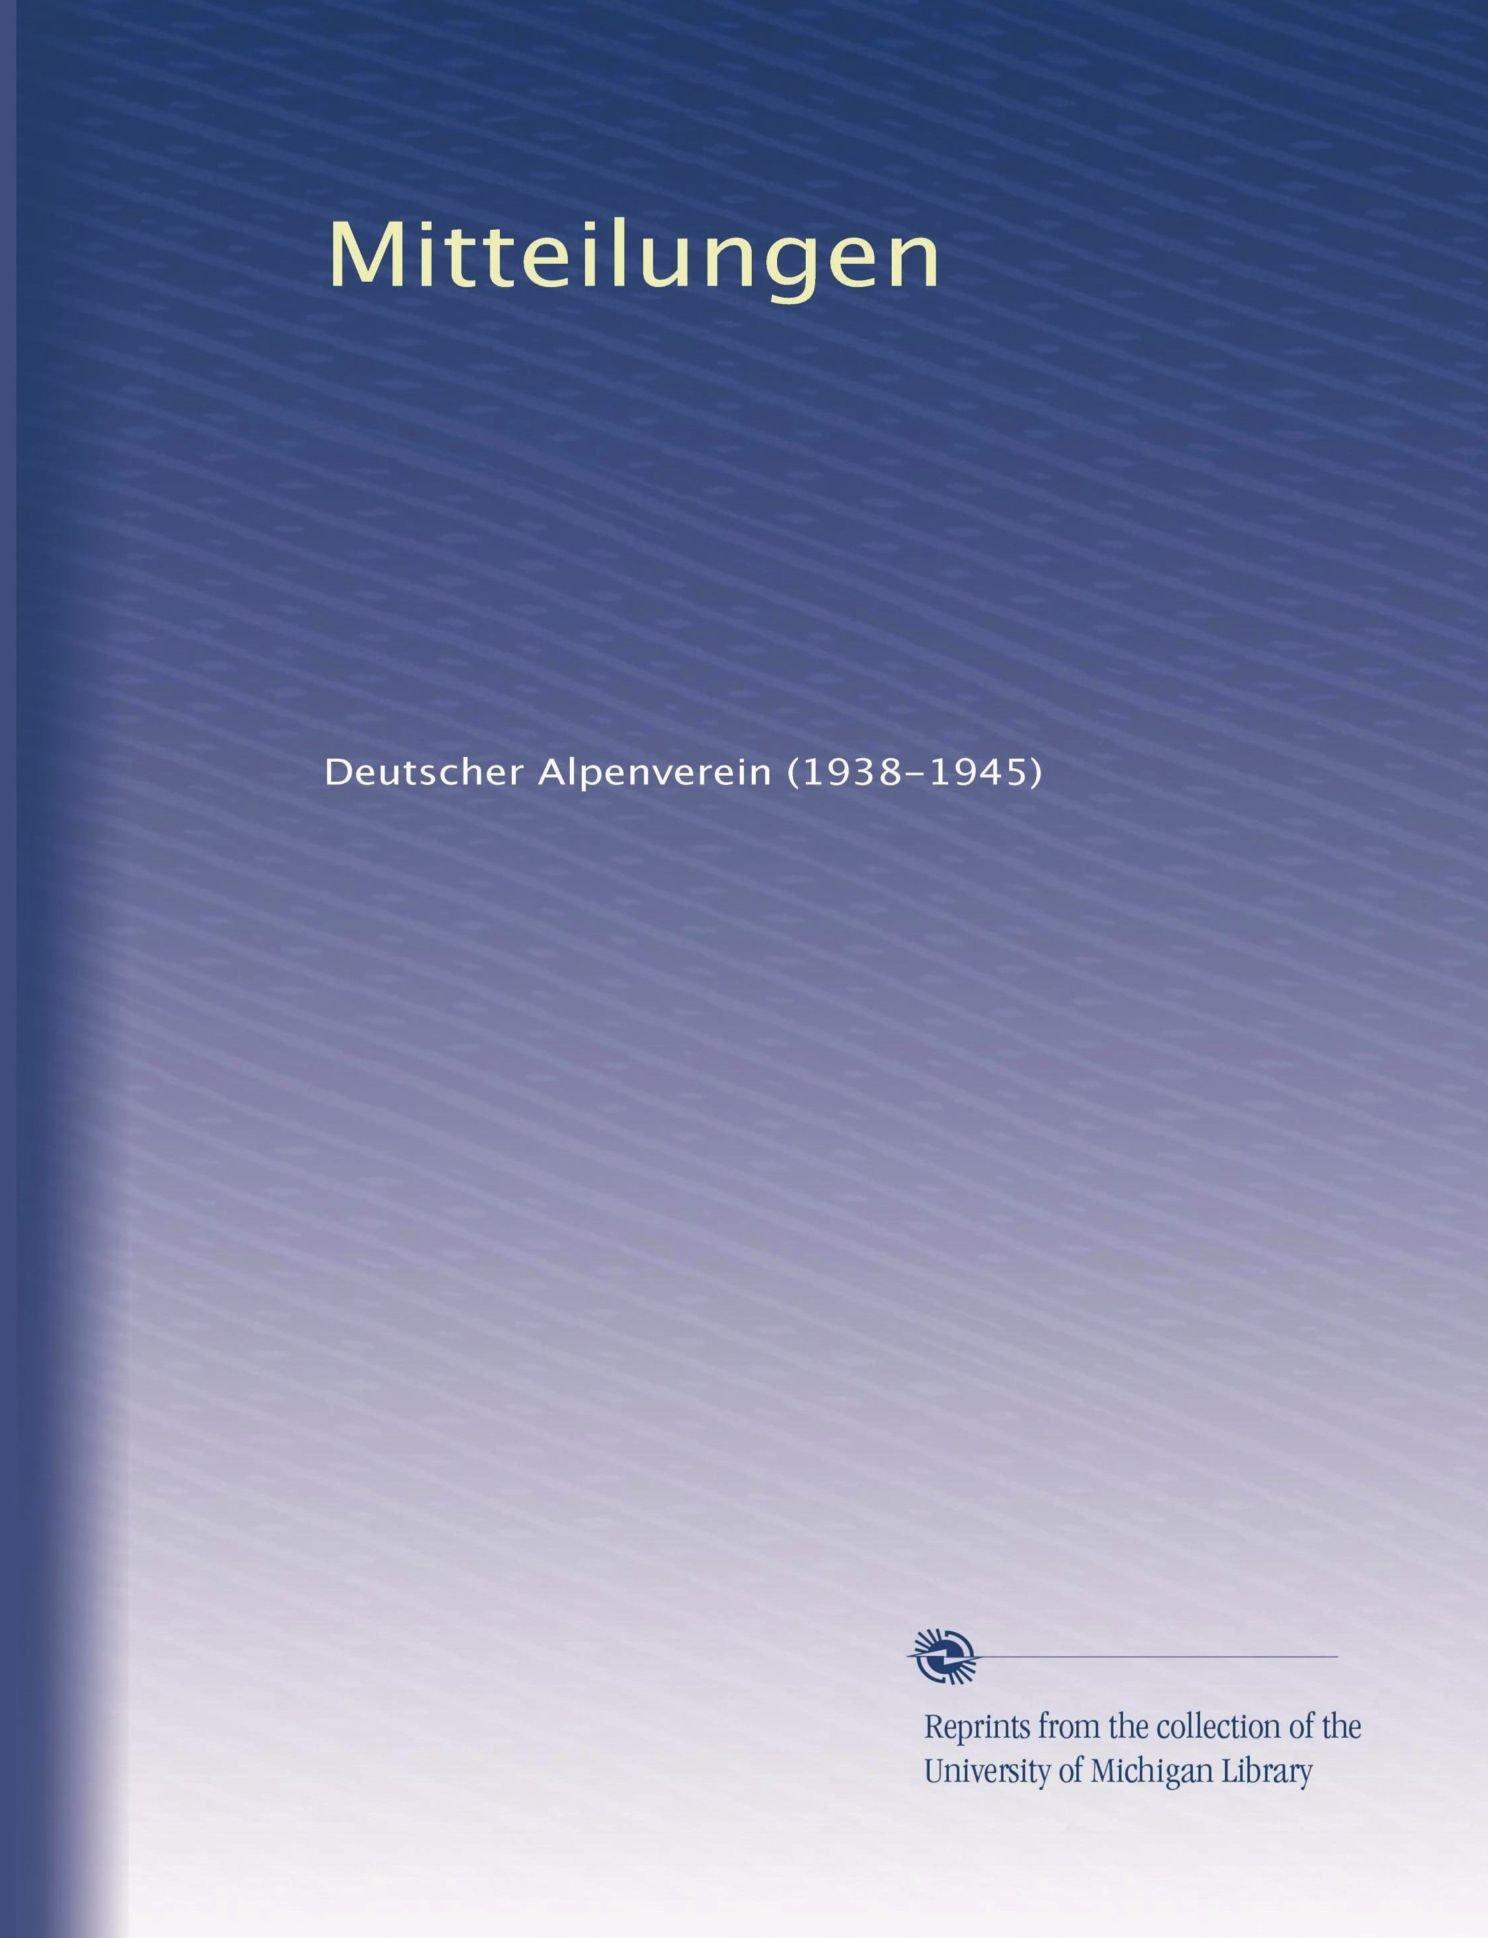 Mitteilungen (Volume 20) (German Edition) PDF